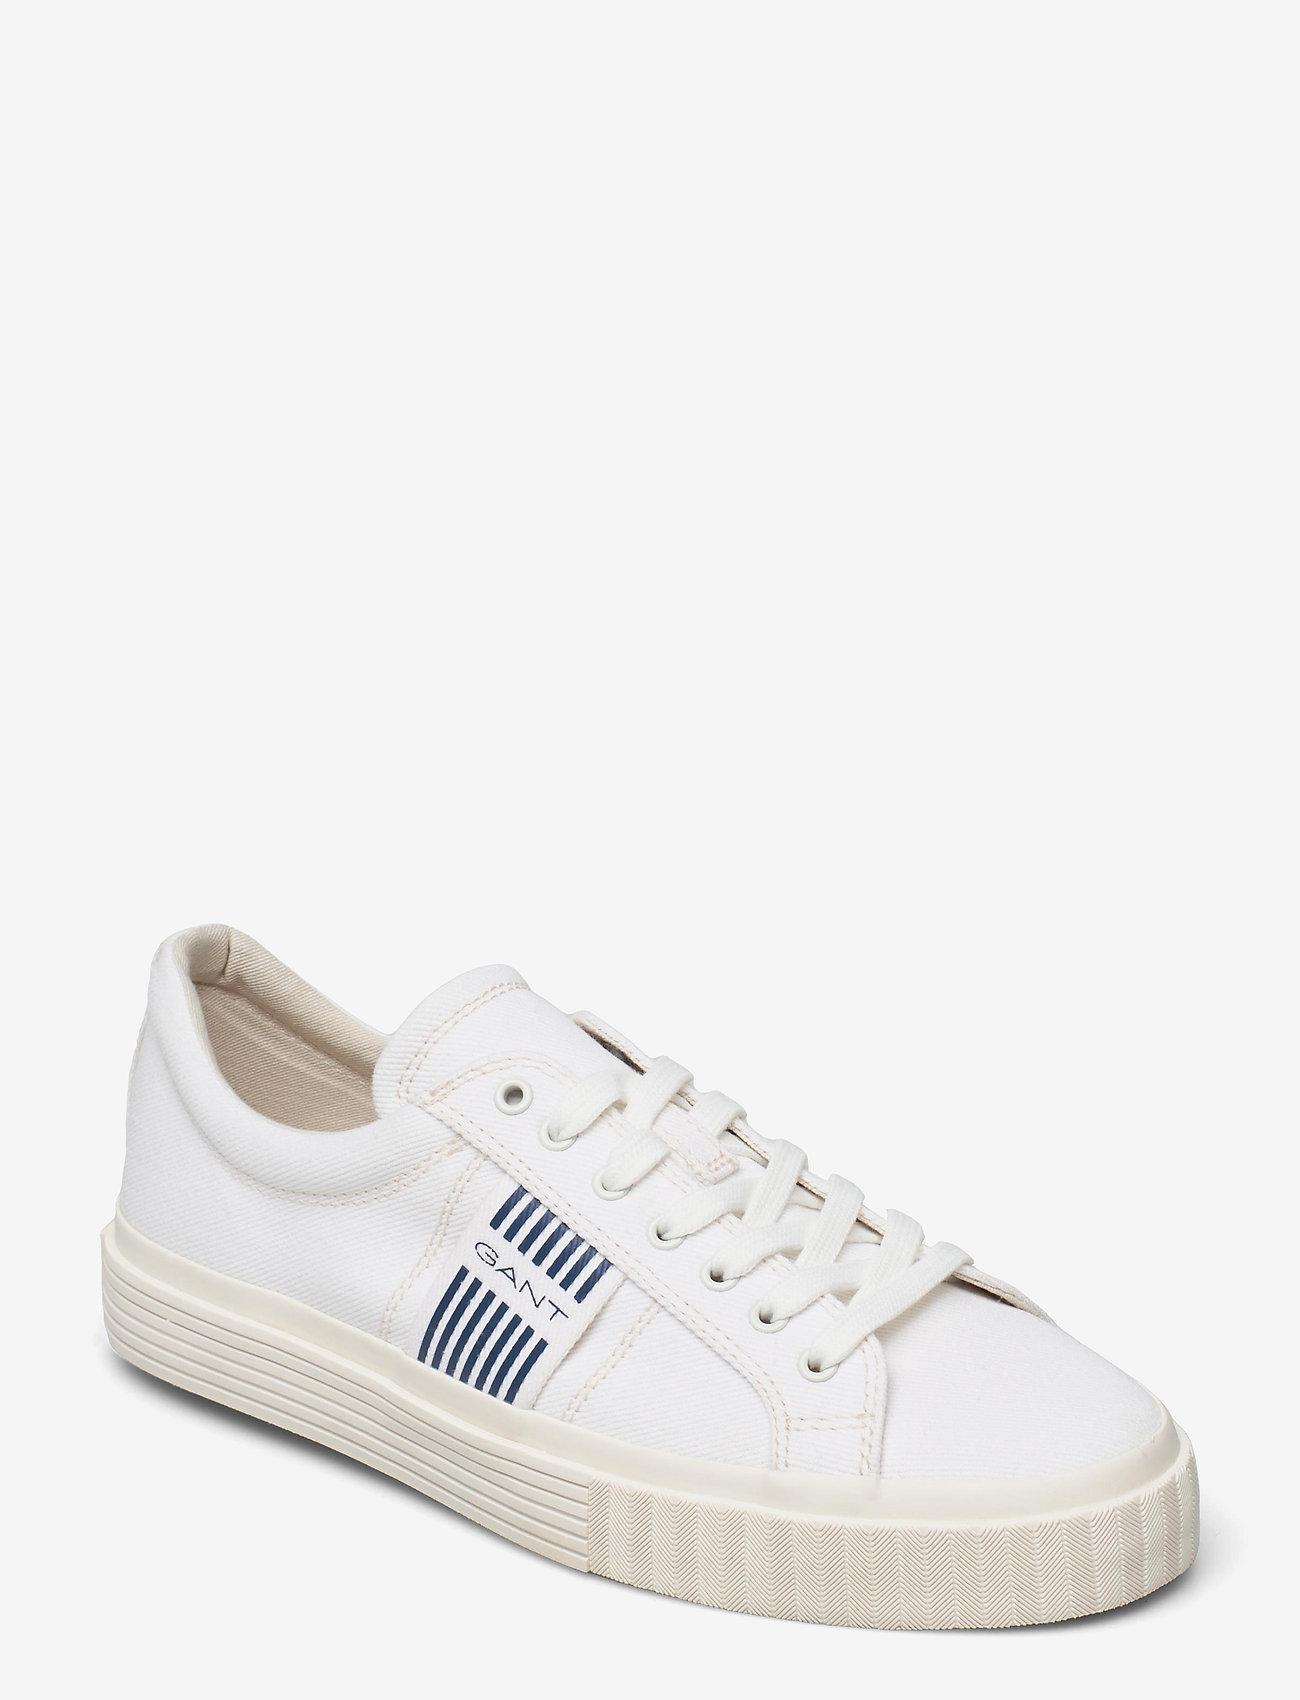 GANT - Faircourt Low lace s - low tops - off white - 0